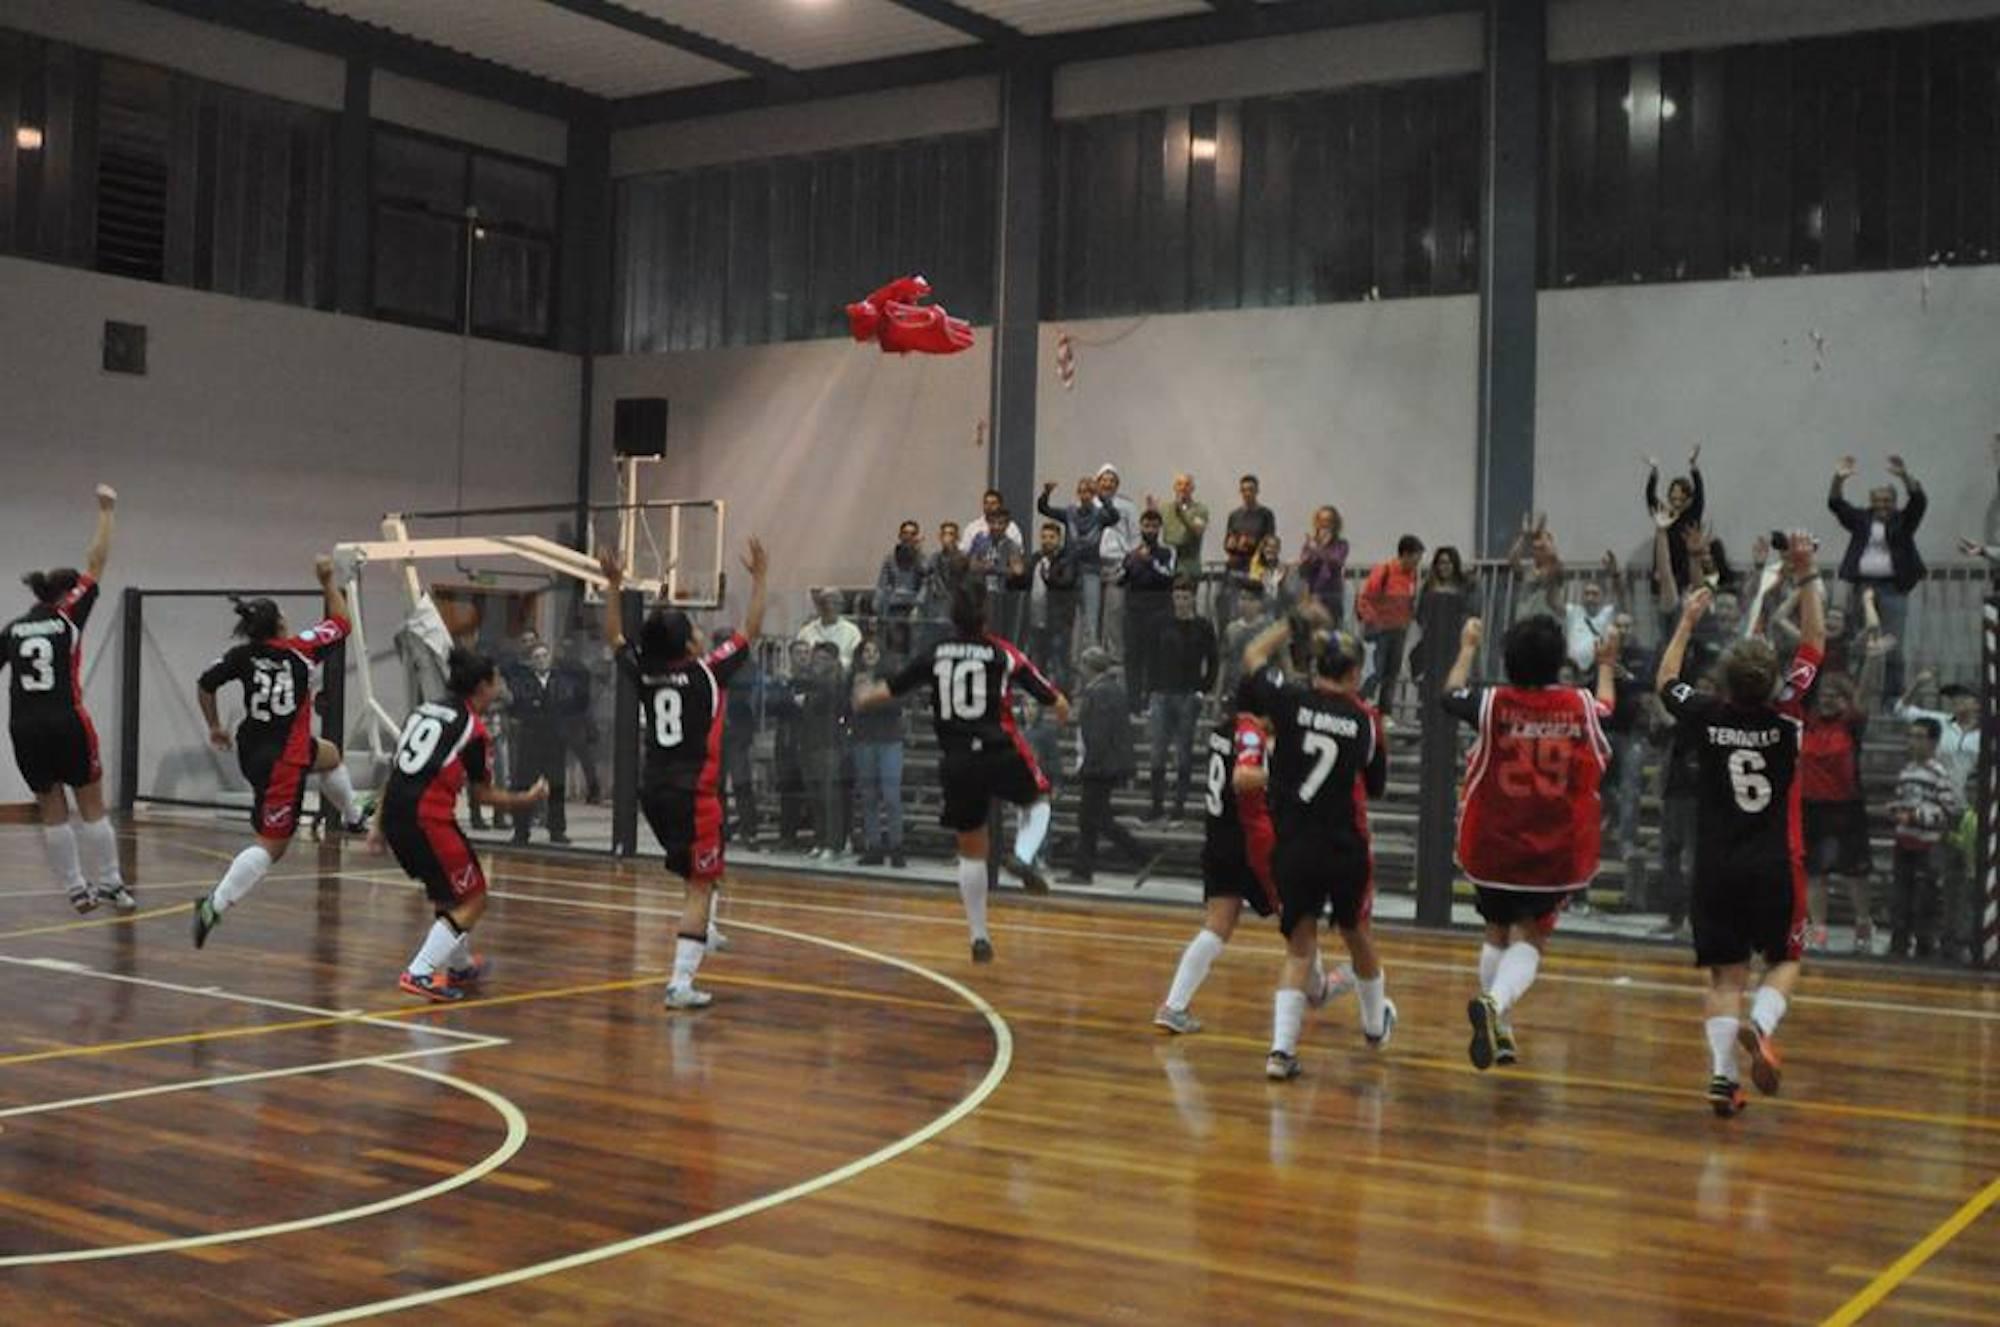 Calcetto, all'Asd Vittoria il derby con il Futsal P5 Palermo